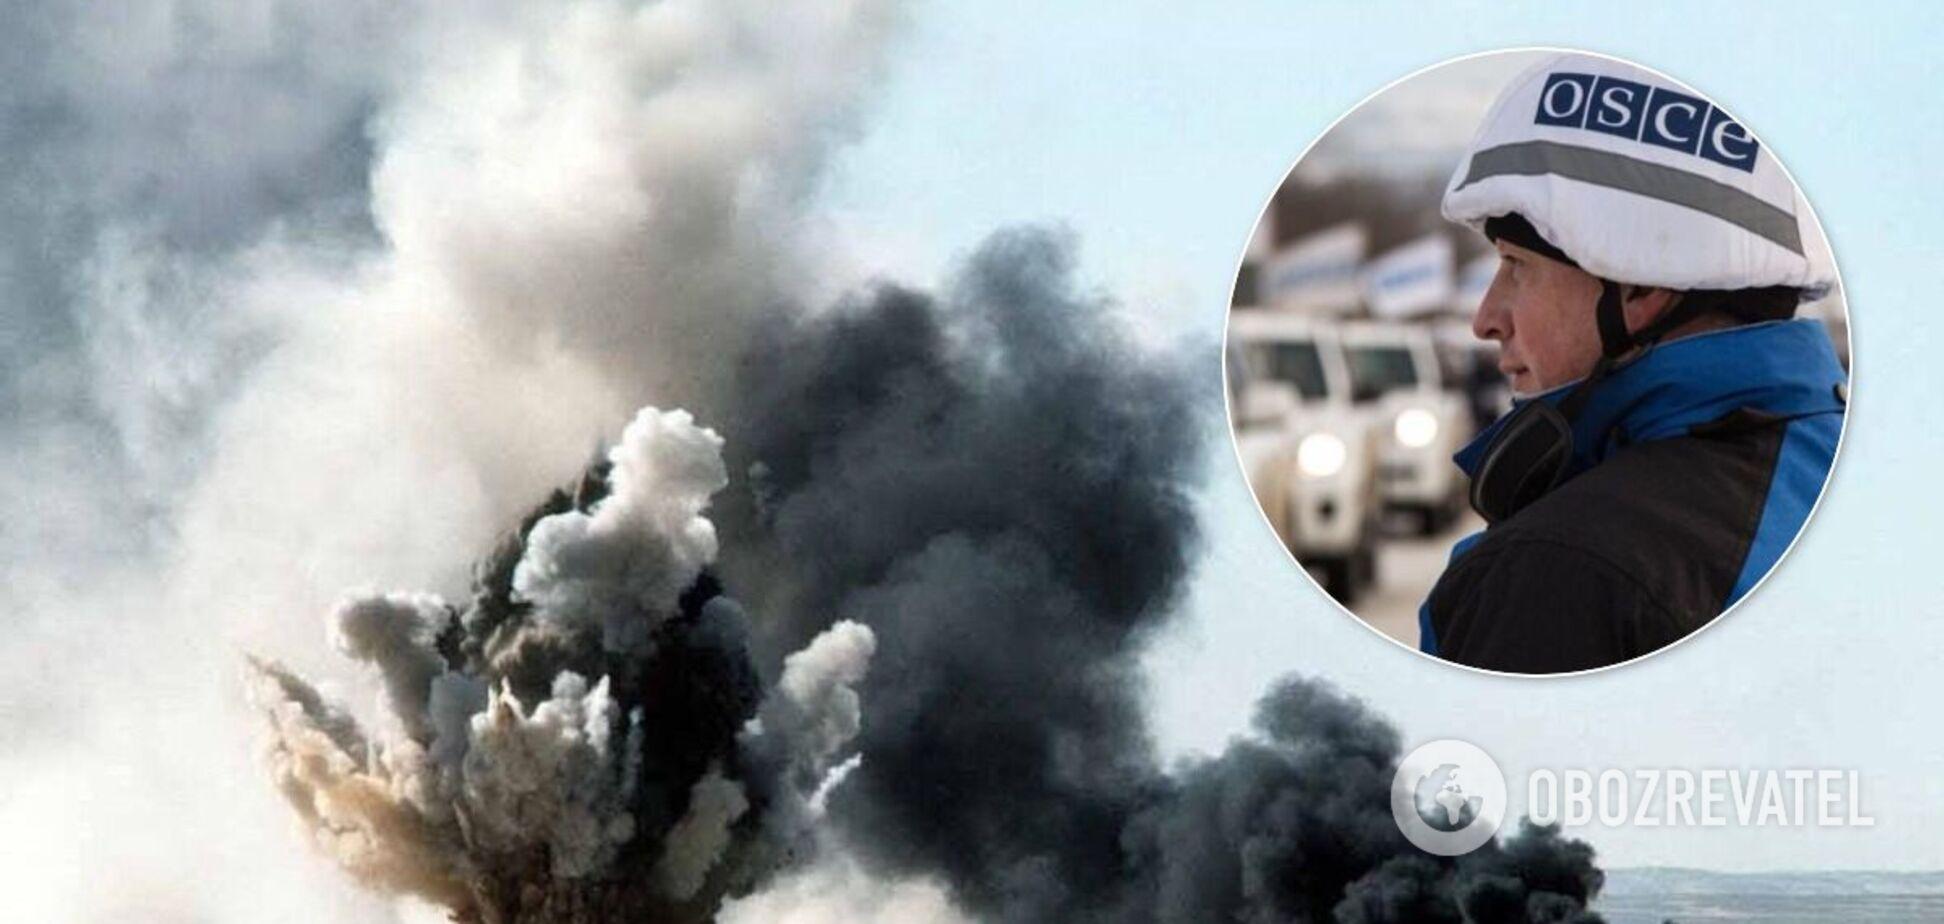 В ОБСЕ сообщили о неизвестных взрывах на Донбассе и 90 случаях нарушения 'тишины'. Карта